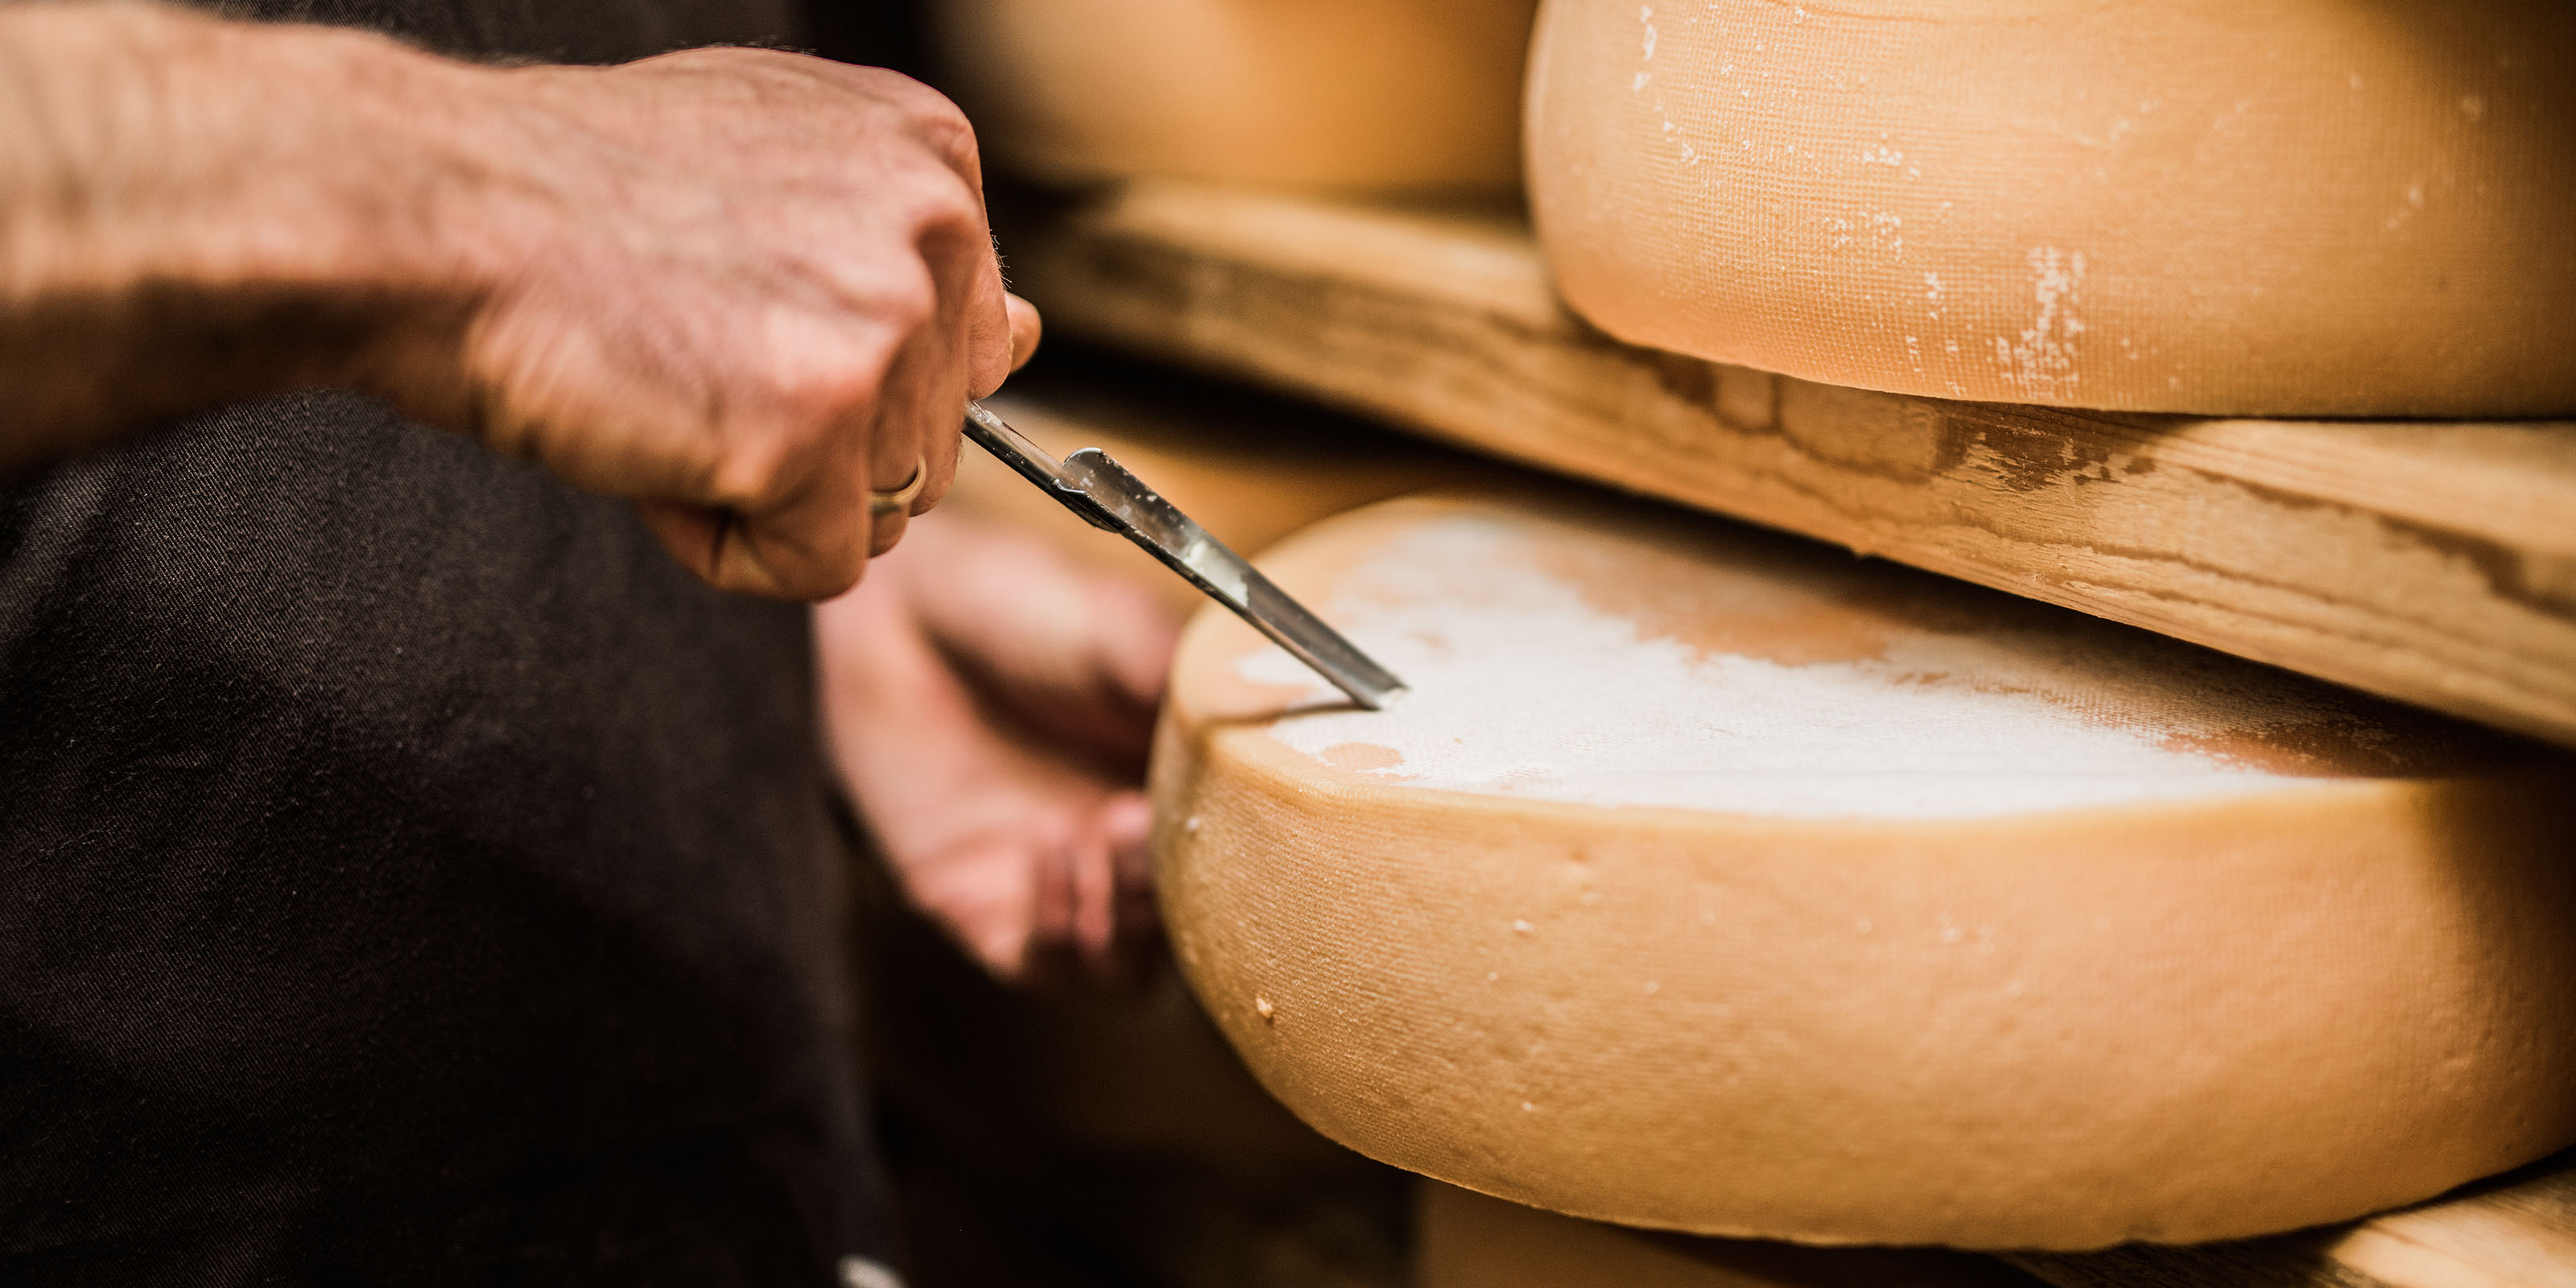 Käse-Wissen: Alles über Käse Tipps und Tatsachen für noch mehr Käse-Genuss